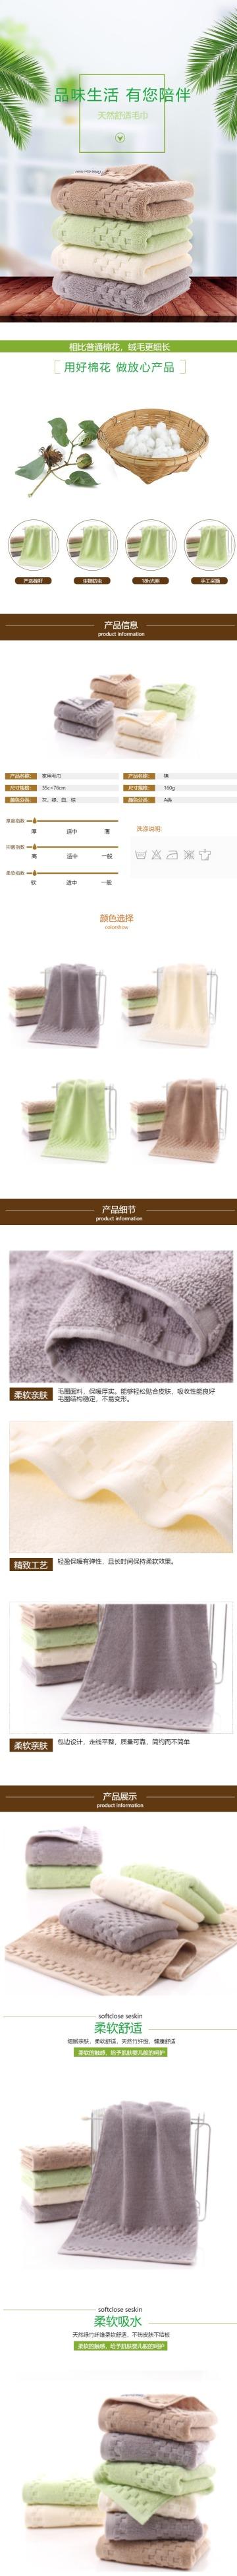 清新品味毛巾电商详情页